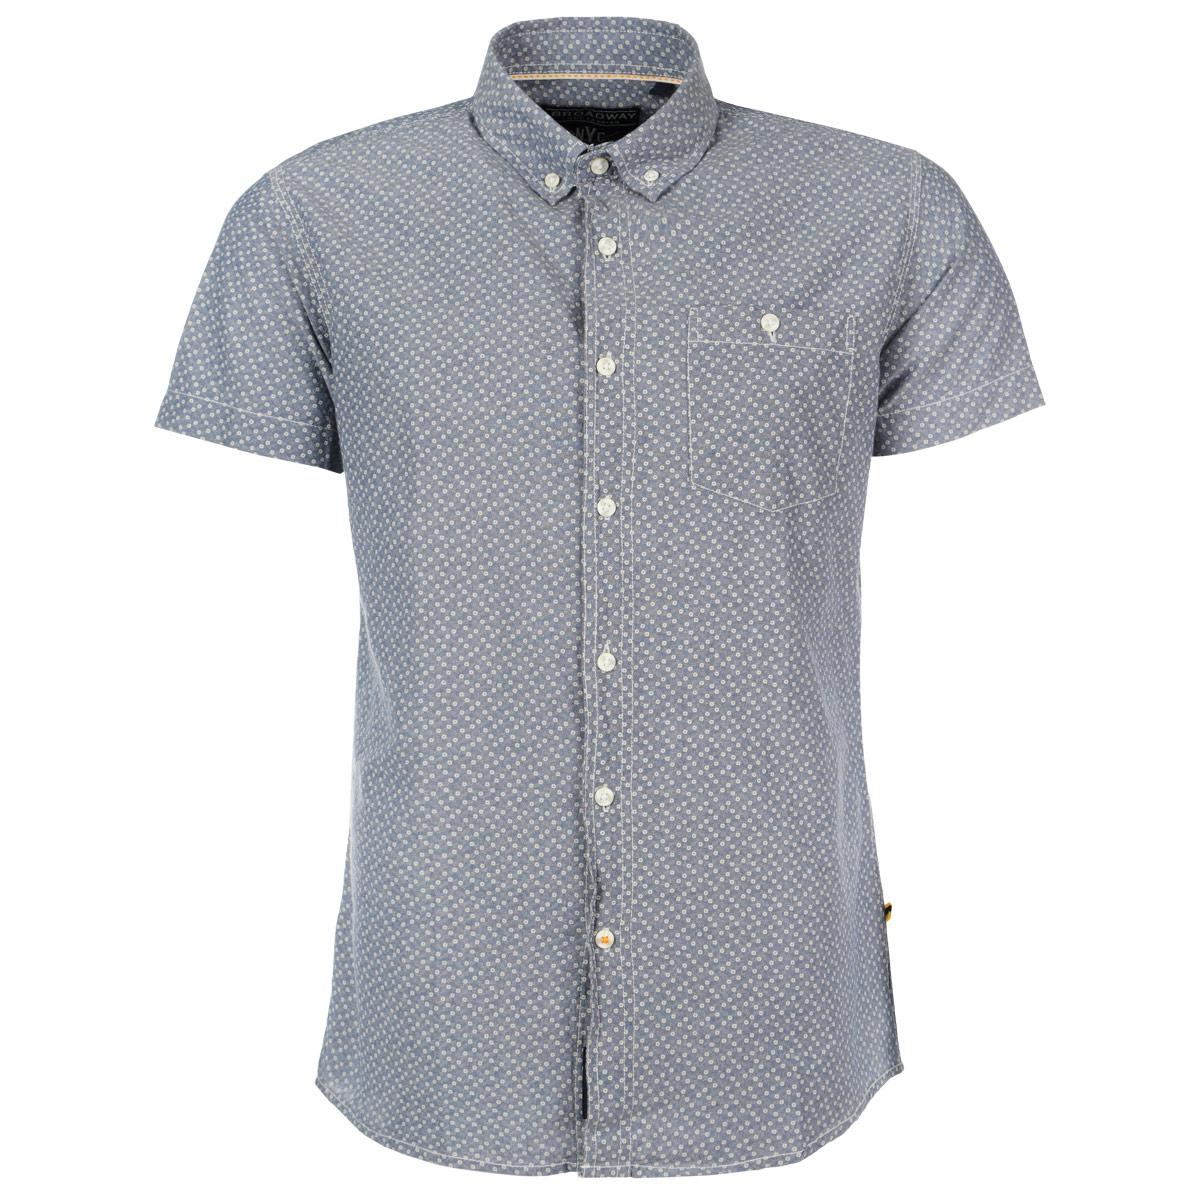 Рубашка мужская. 1015231210152312 57BОтличная мужская рубашка Broadway с принтом, выполненная из хлопка, обладает высокой теплопроводностью, воздухопроницаемостью и гигроскопичностью, позволяет коже дышать, тем самым обеспечивая наибольший комфорт при носке даже самым жарким летом. Рубашка приталенного кроя с короткими рукавами, полукруглым низом, отложным воротником застегивается на пуговицы. Рубашка дополнена на груди накладным карманом на пуговице. Такая рубашка будет дарить вам комфорт в течение всего дня и послужит замечательным дополнением к вашему летнему гардеробу.